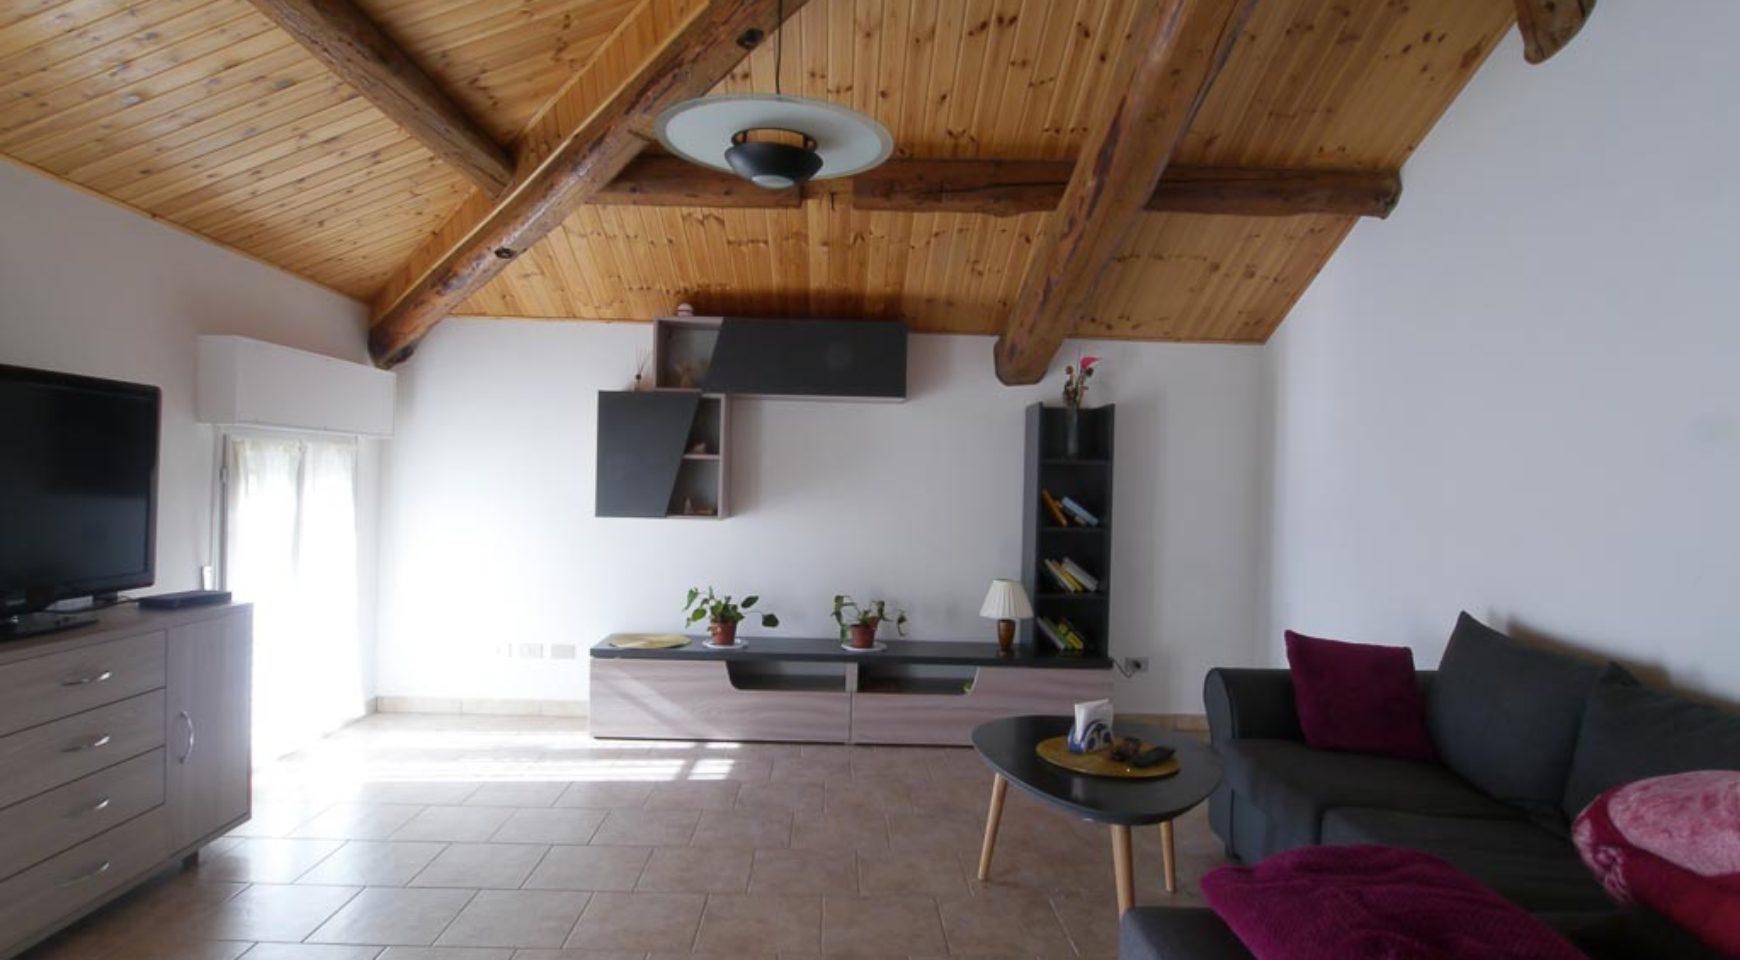 Agenzie Immobiliari Mantova appartamento mansardato in locazione – immobiliare sermide